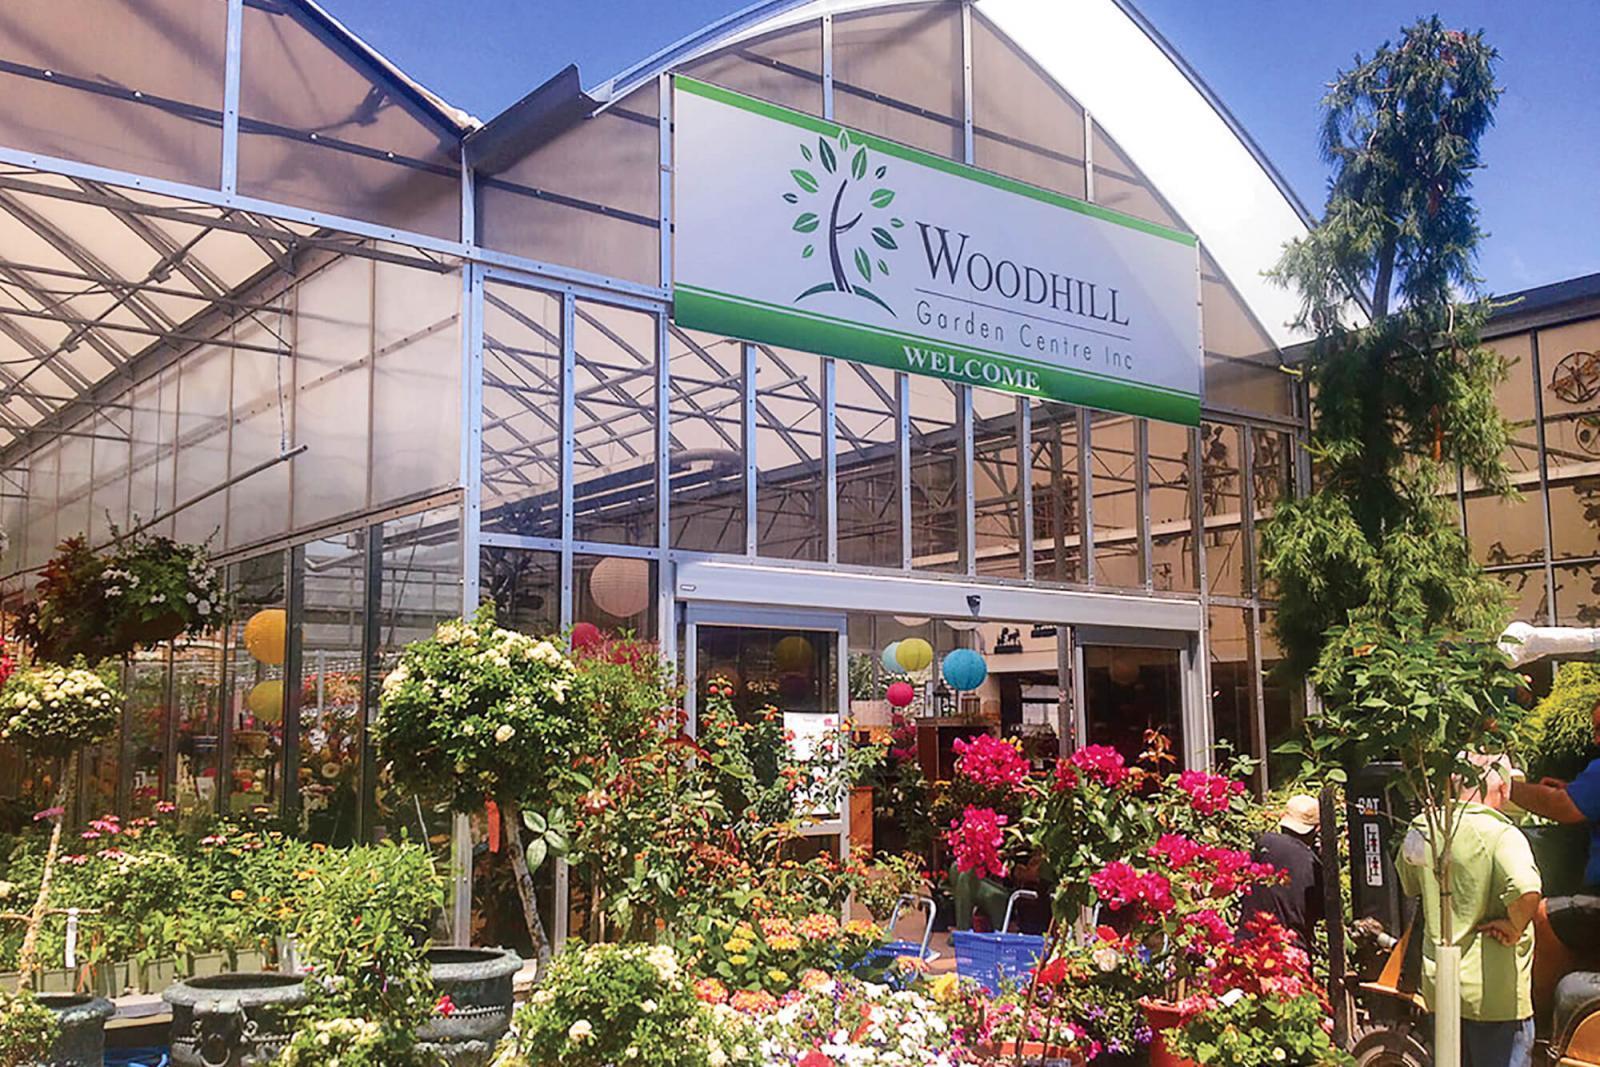 Woodhill Garden Centre celebrates 40th anniversary